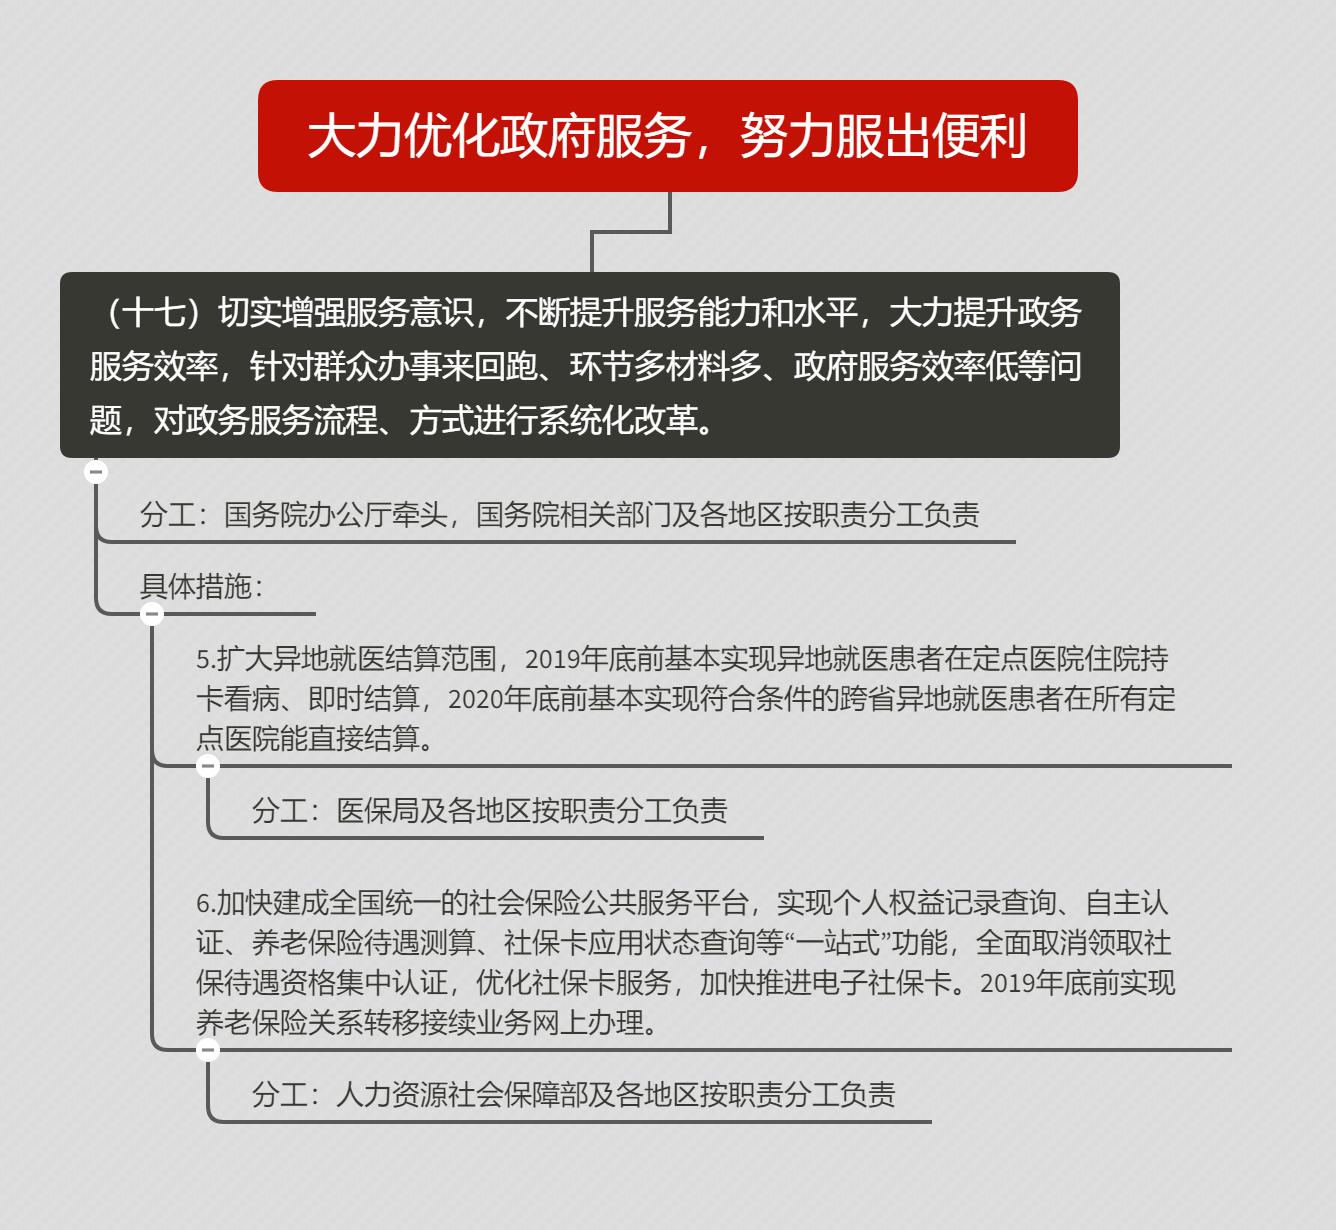 大力优化政府服务,努力服出便利(2).png